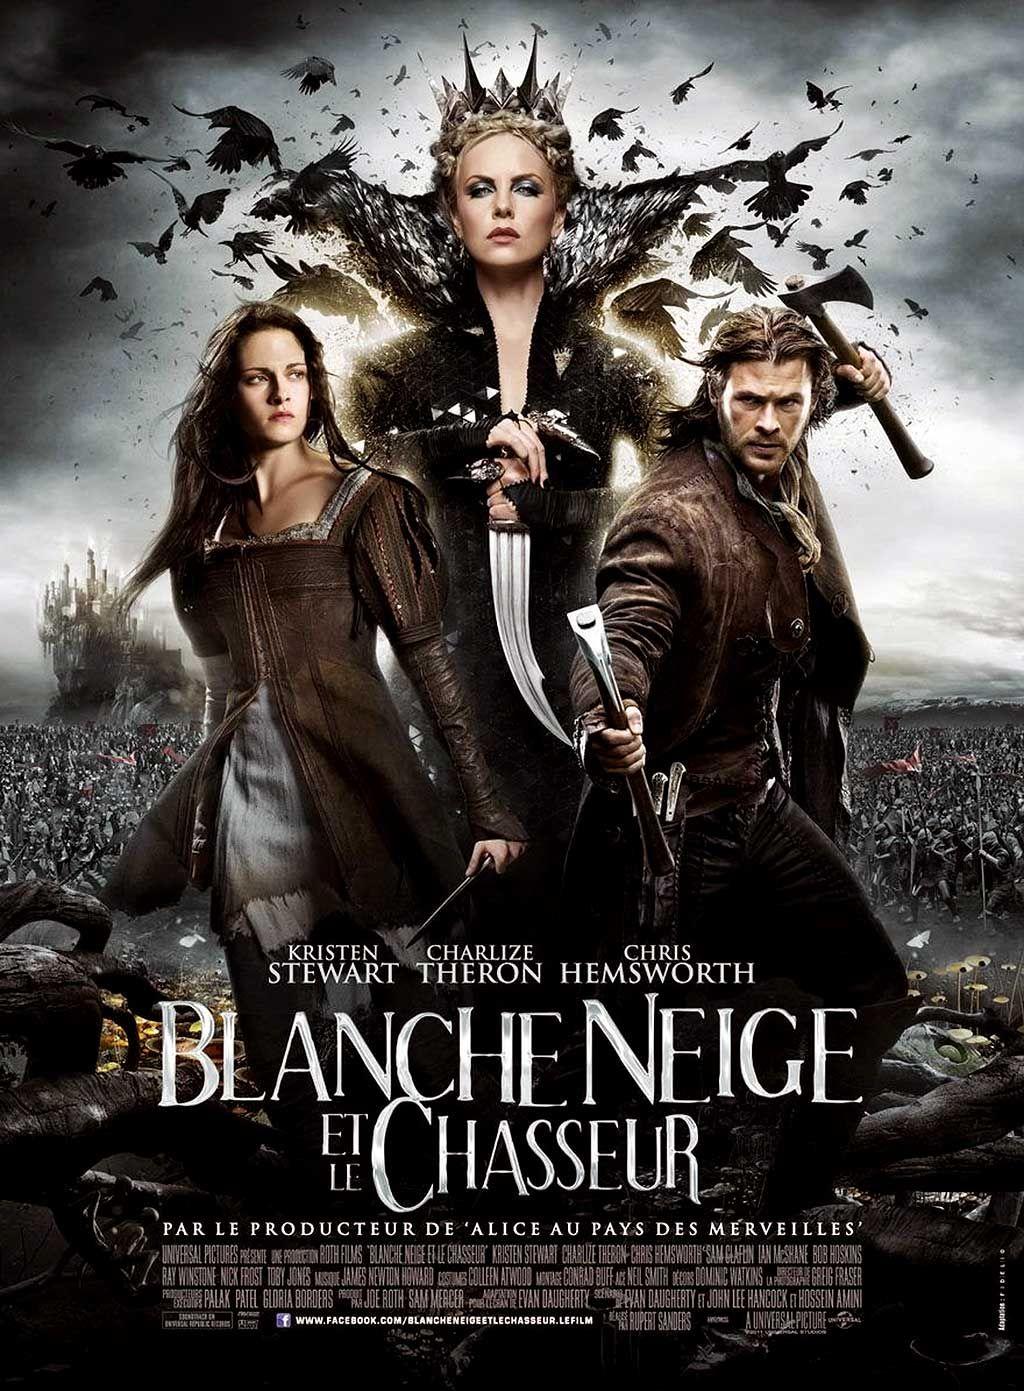 Film Blanche Neige Et Le Chasseur : blanche, neige, chasseur, Blanche, Neige, Chasseur, Rupert, Sanders, Chasseur,, Neige,, D'aventure